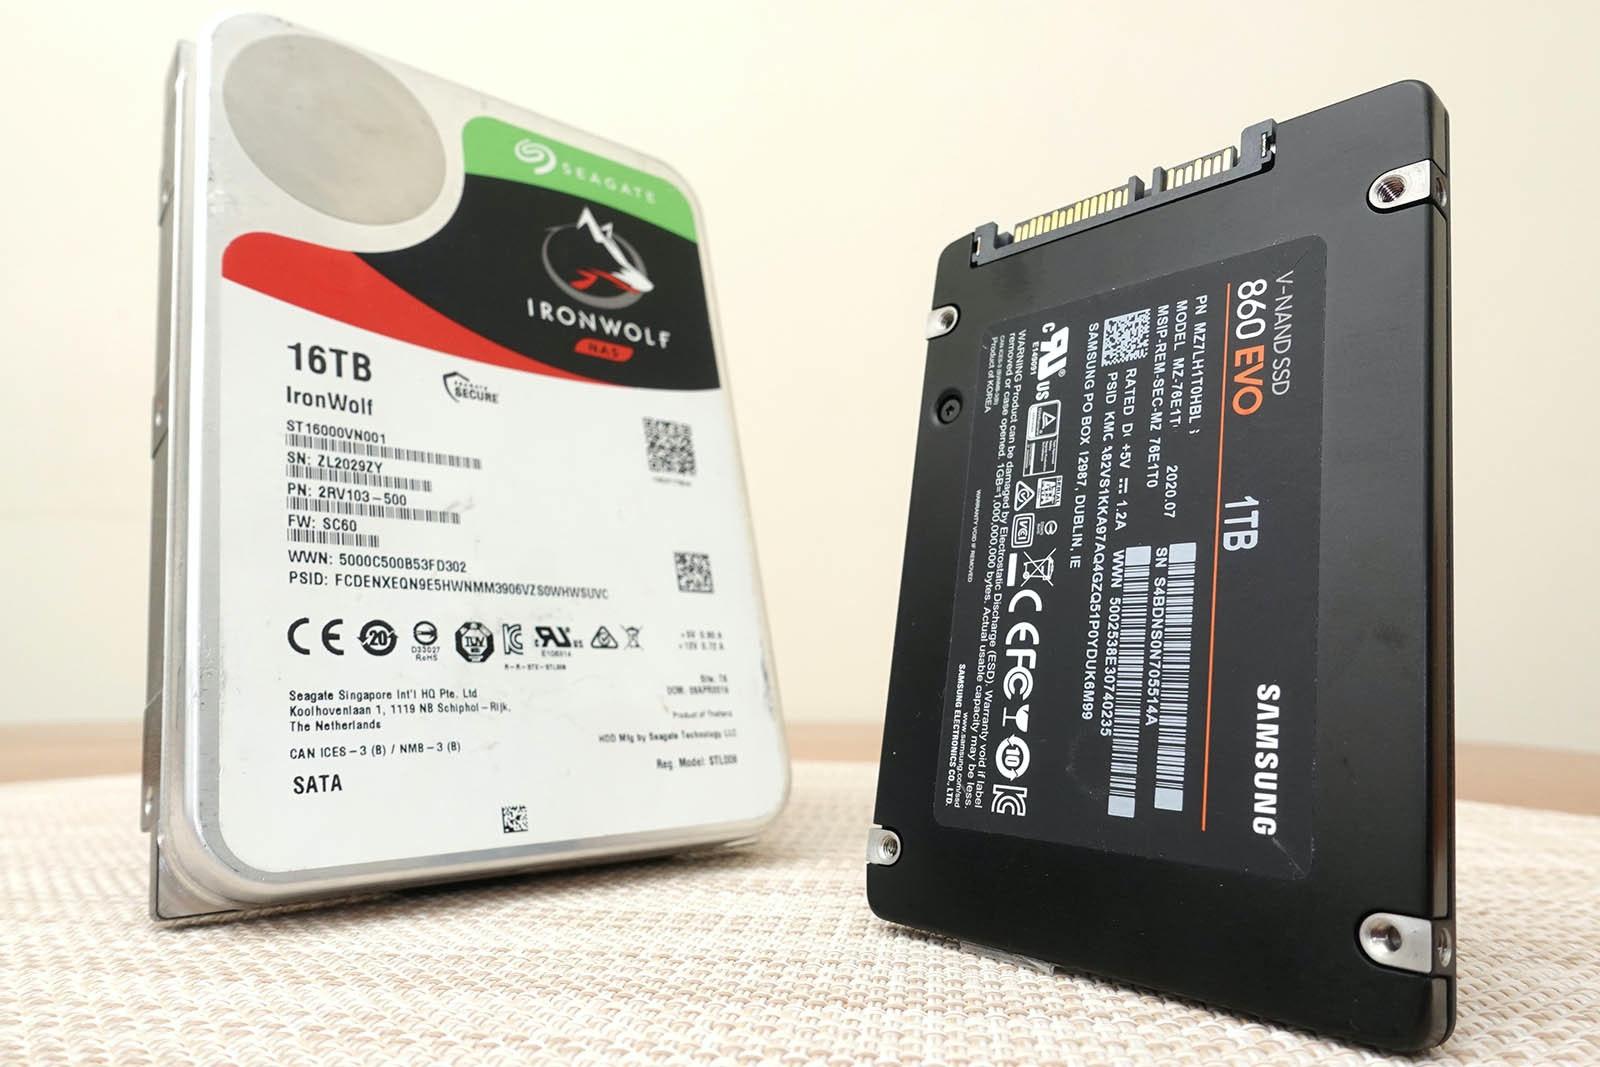 照片中提到了OsEAGATs、IRONWOLF、SAS,跟希捷科技、哈特曼行李有關,包含了電腦組件、硬盤、電子配件、產品設計、電腦